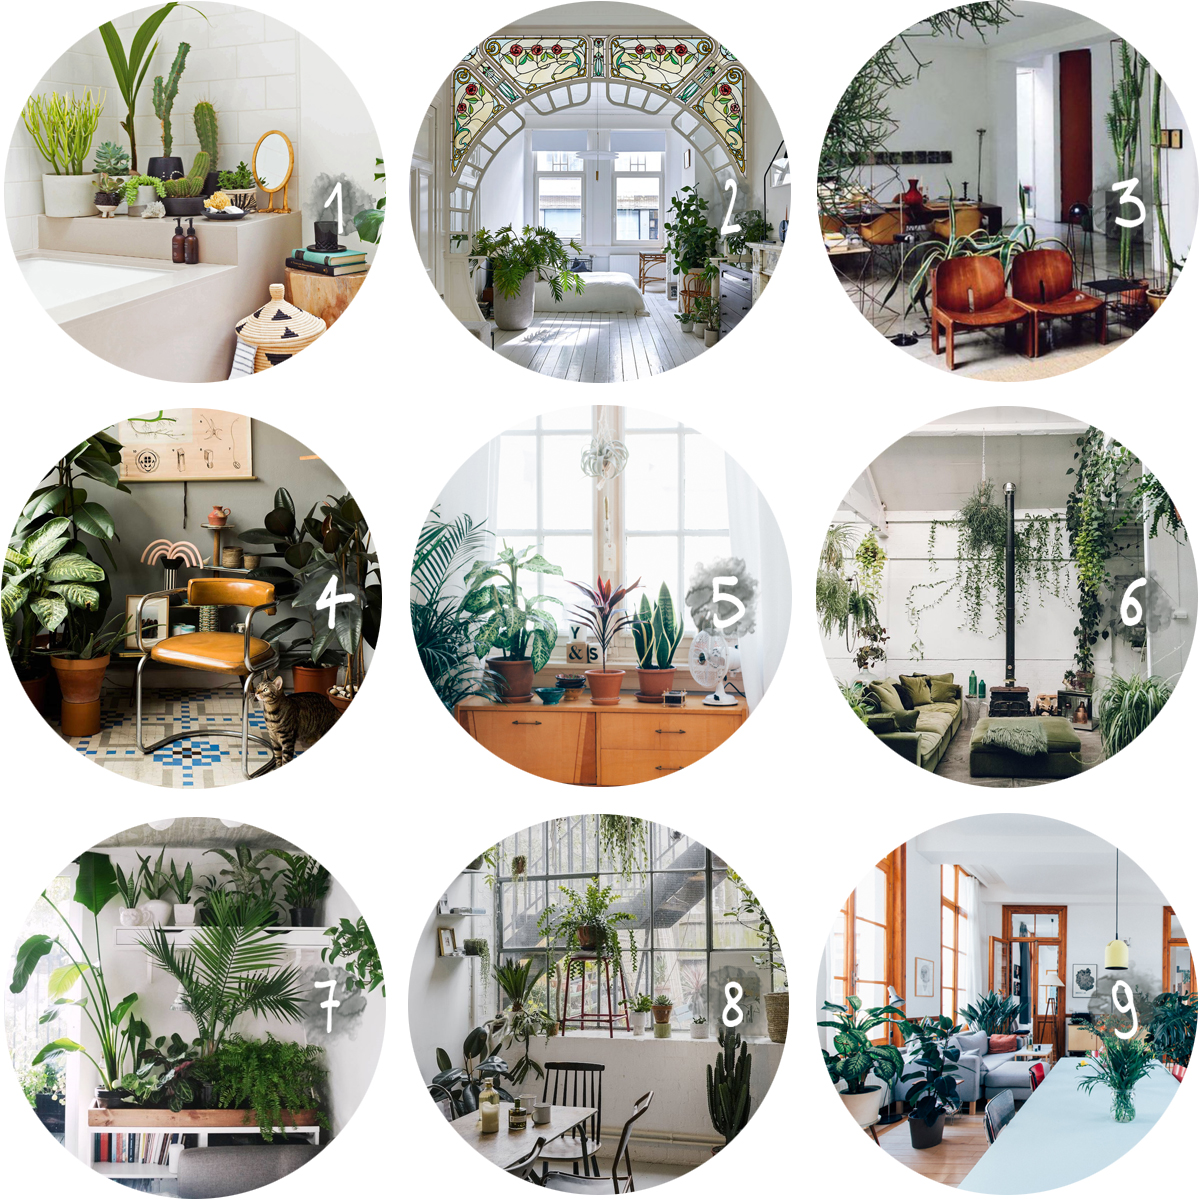 Collection-wonderplants 2 by au pays des merveilles